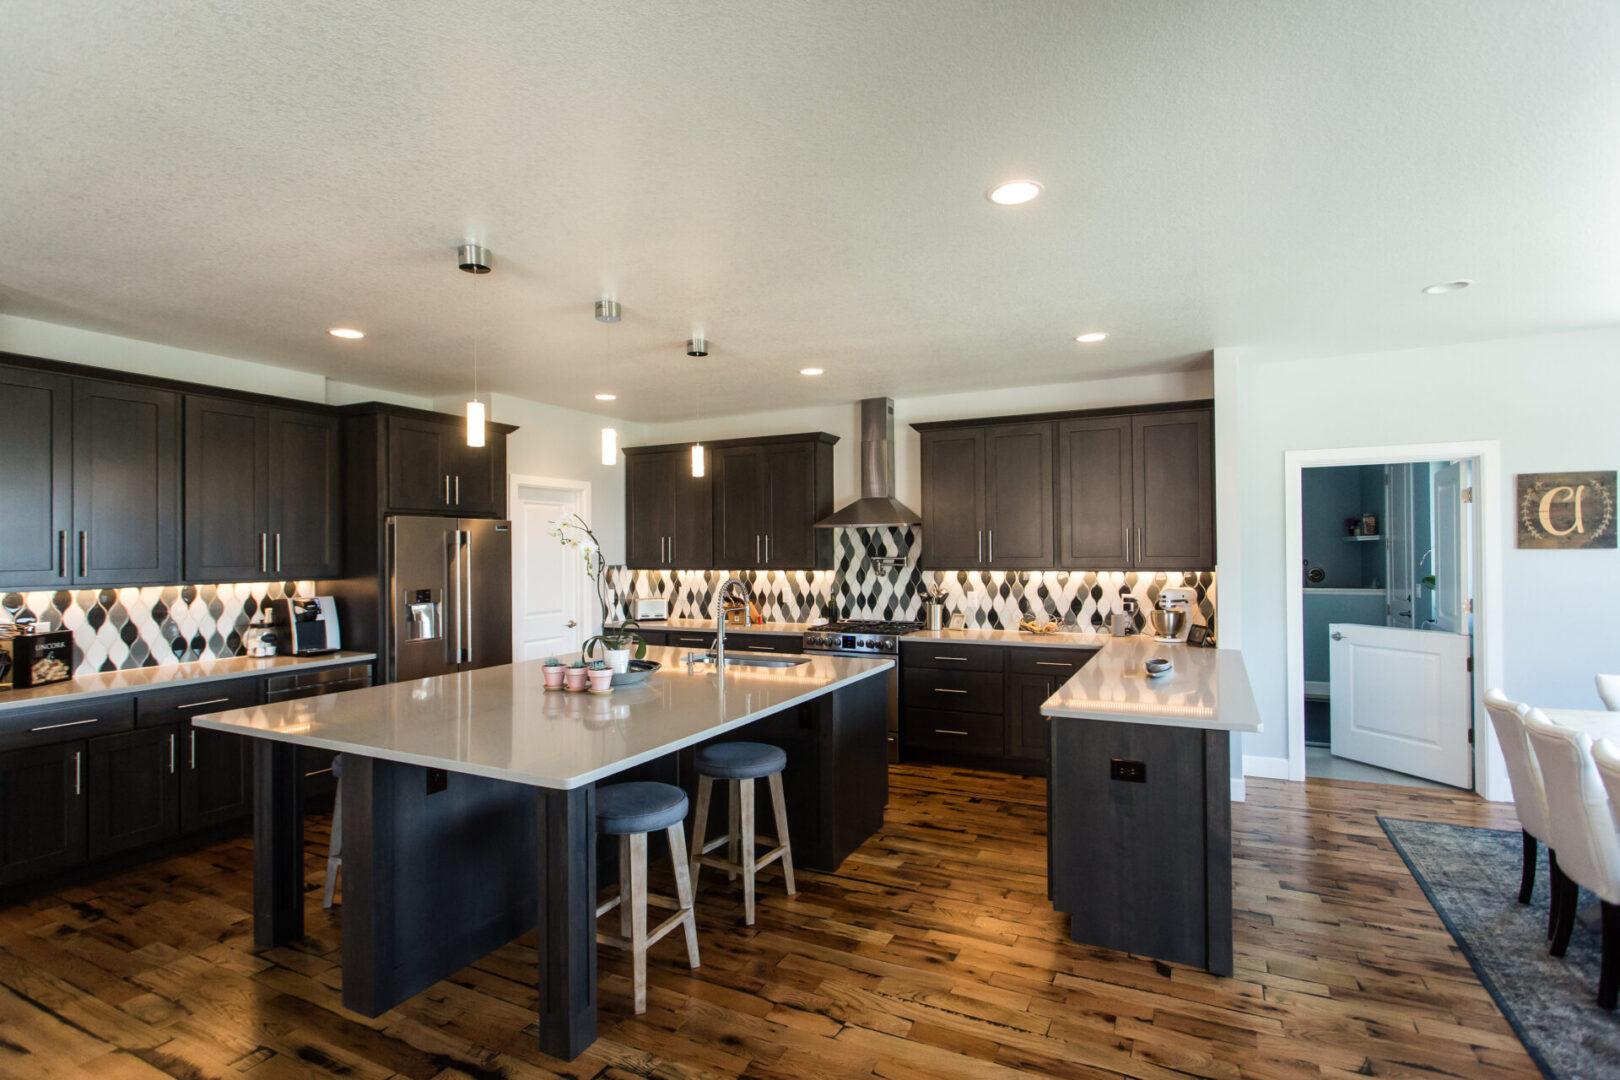 modern kitchen with dark-wooden theme